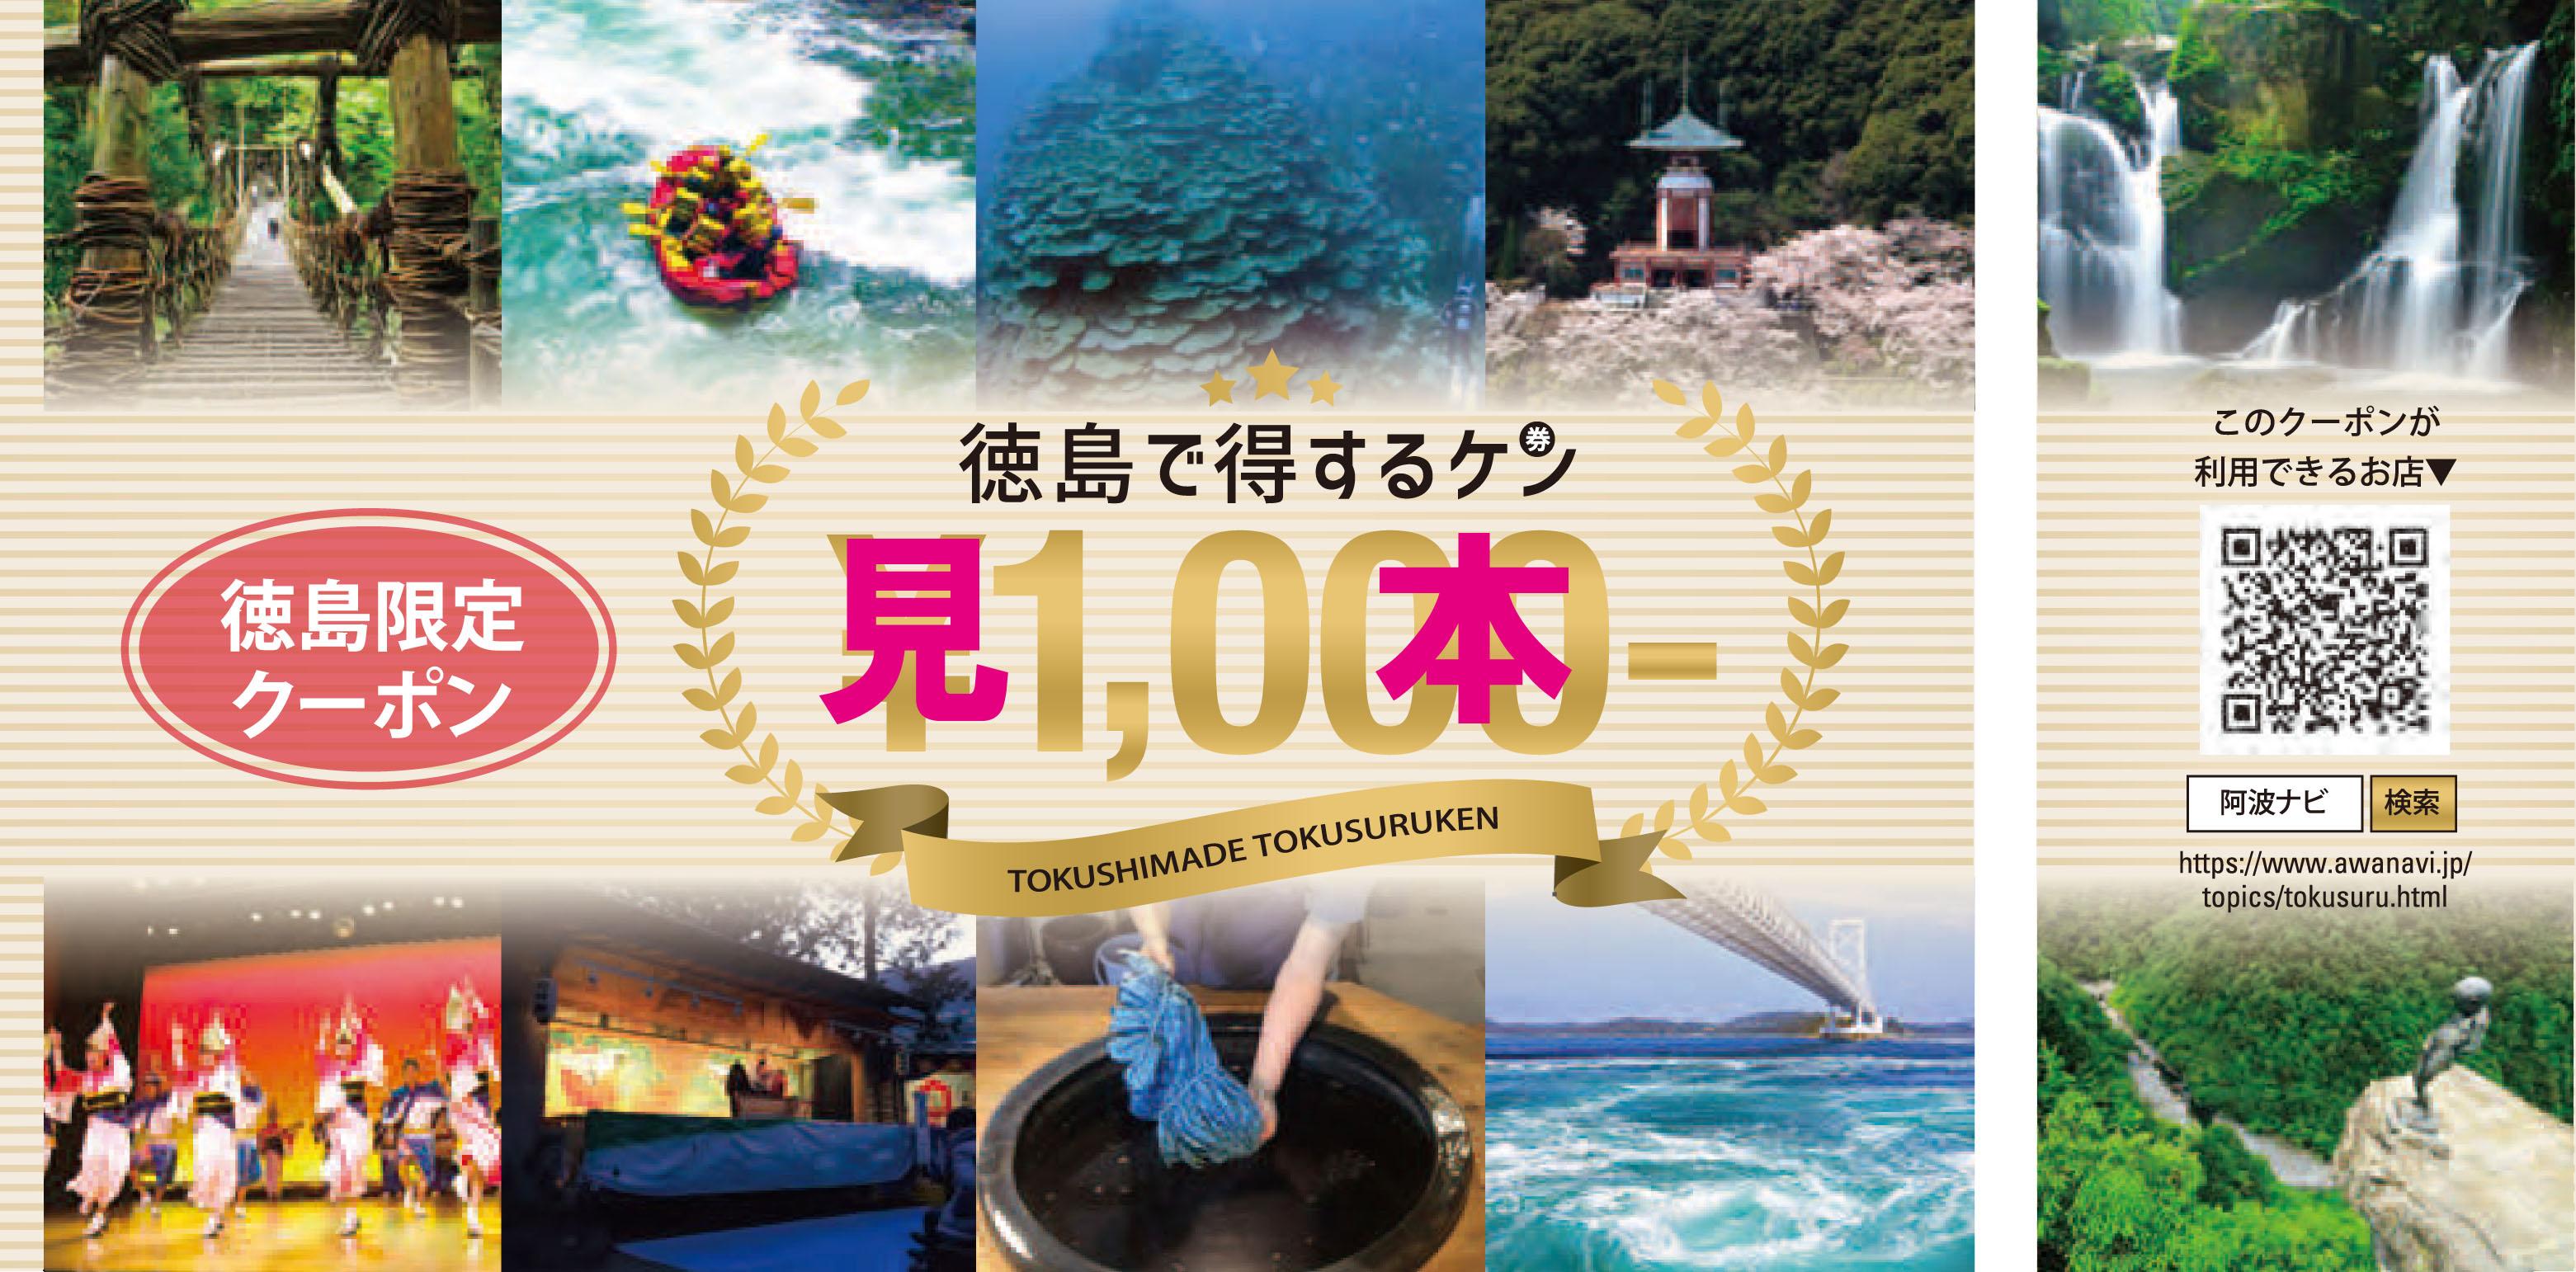 徳島県民の皆様に大変お得な情報です!